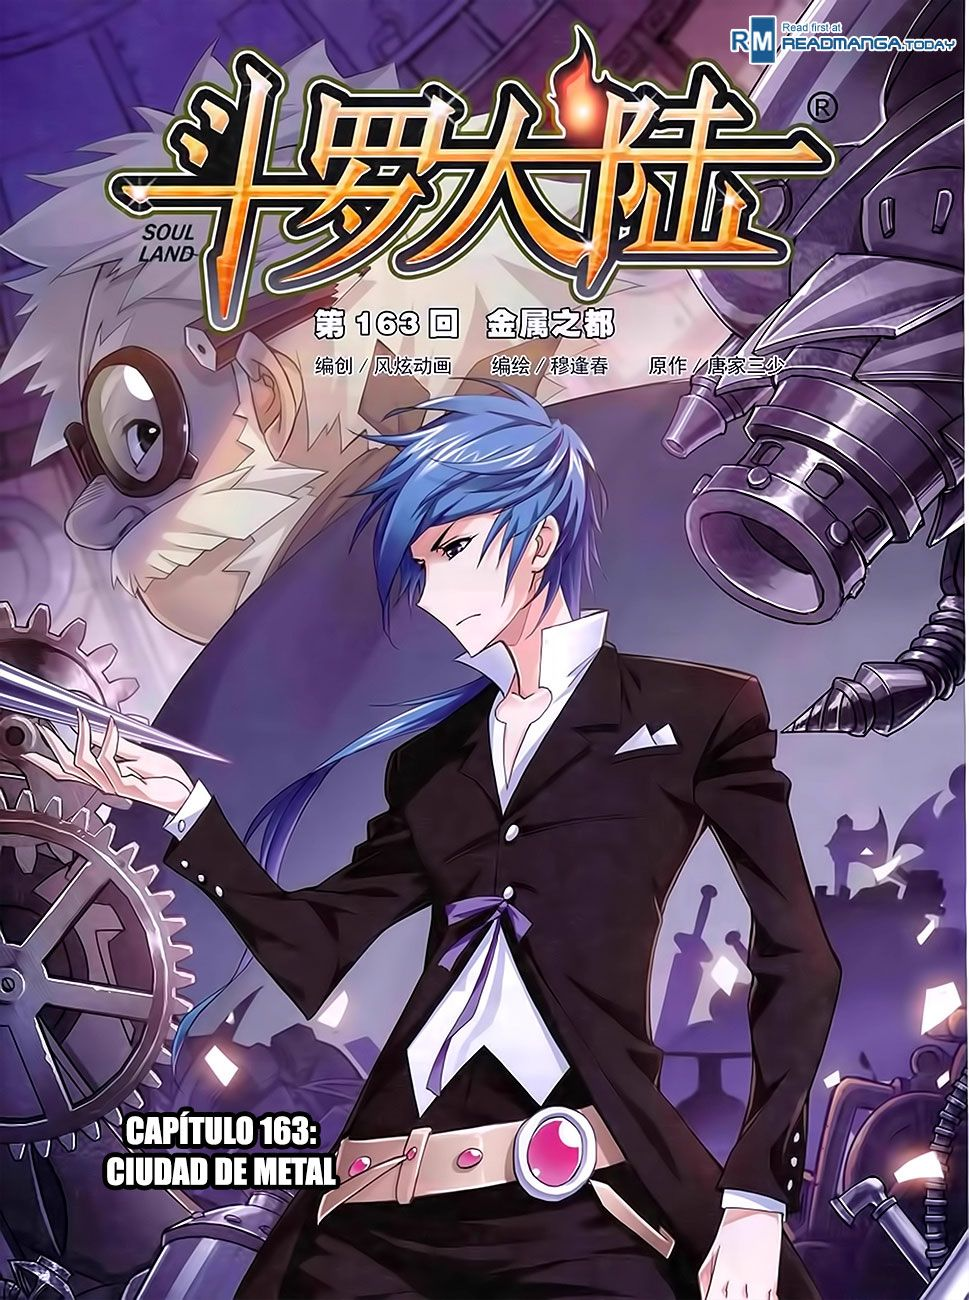 http://c5.ninemanga.com/es_manga/pic2/18/16210/498459/ef29d115ef661659677e4dc28fb1a57b.jpg Page 2